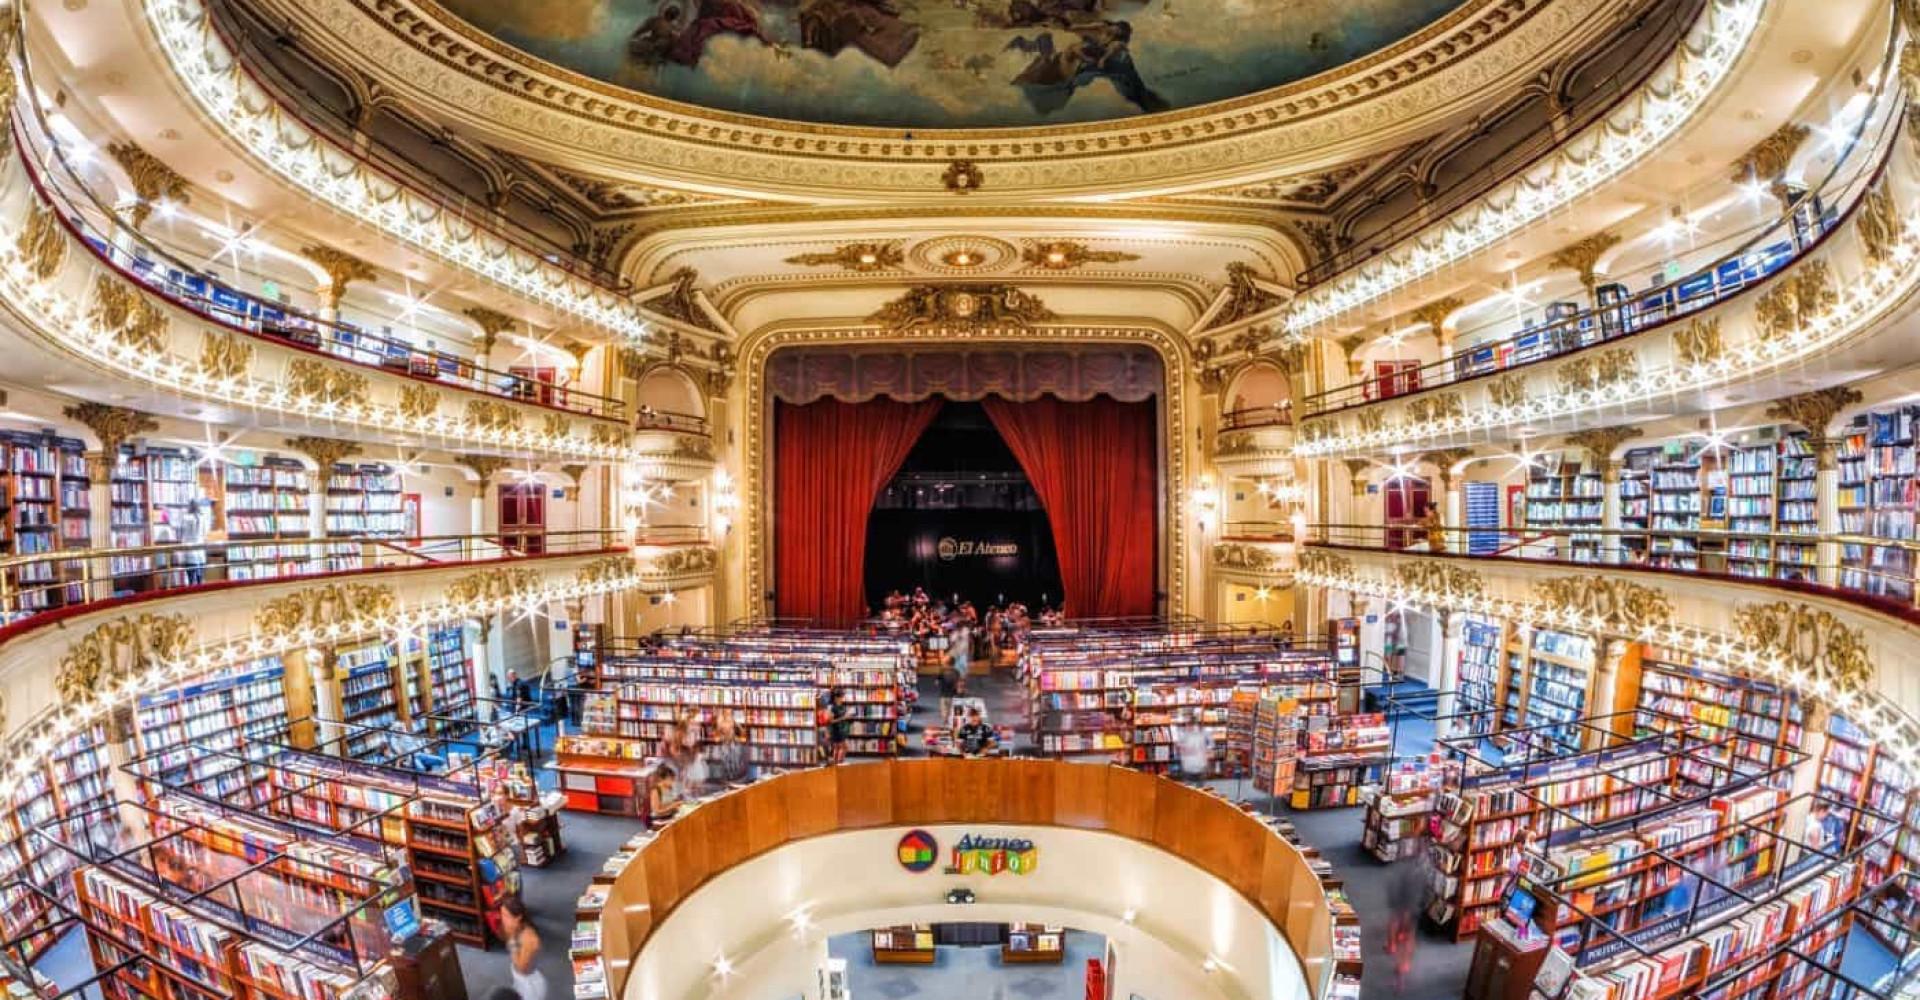 Tra le più belle biblioteche al mondo, due sono italiane